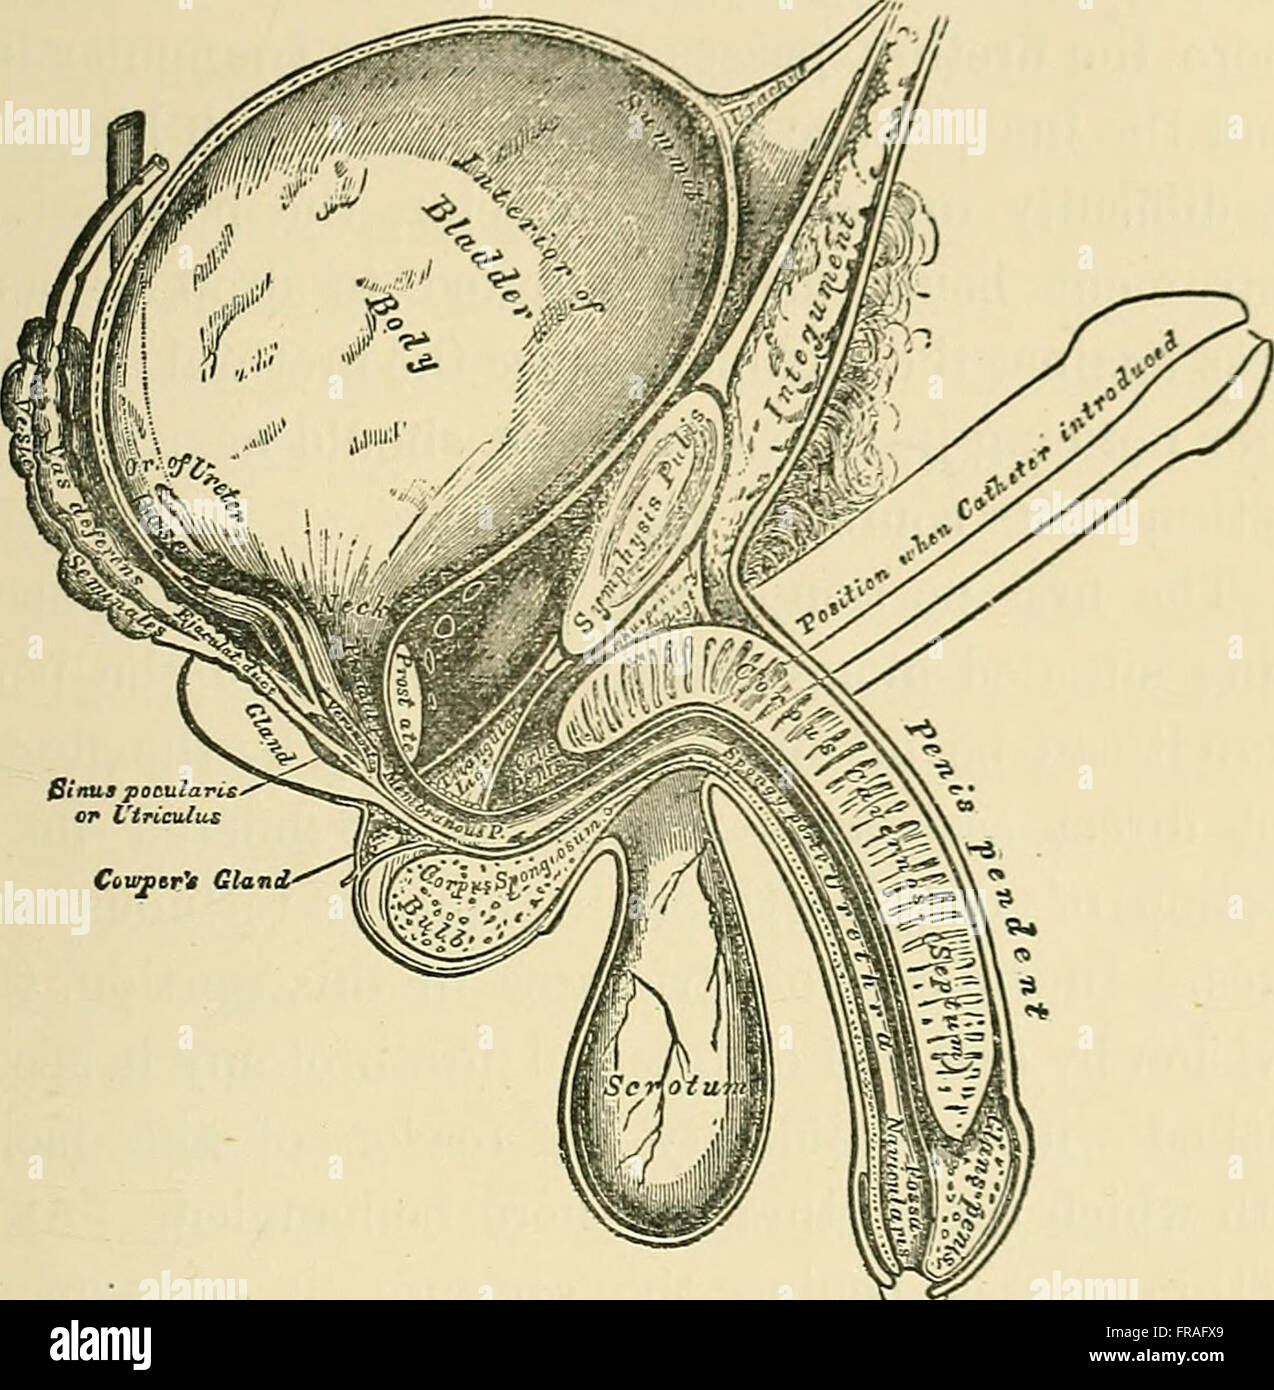 Ausgezeichnet Harn Systemfunktionen Ideen - Menschliche Anatomie ...